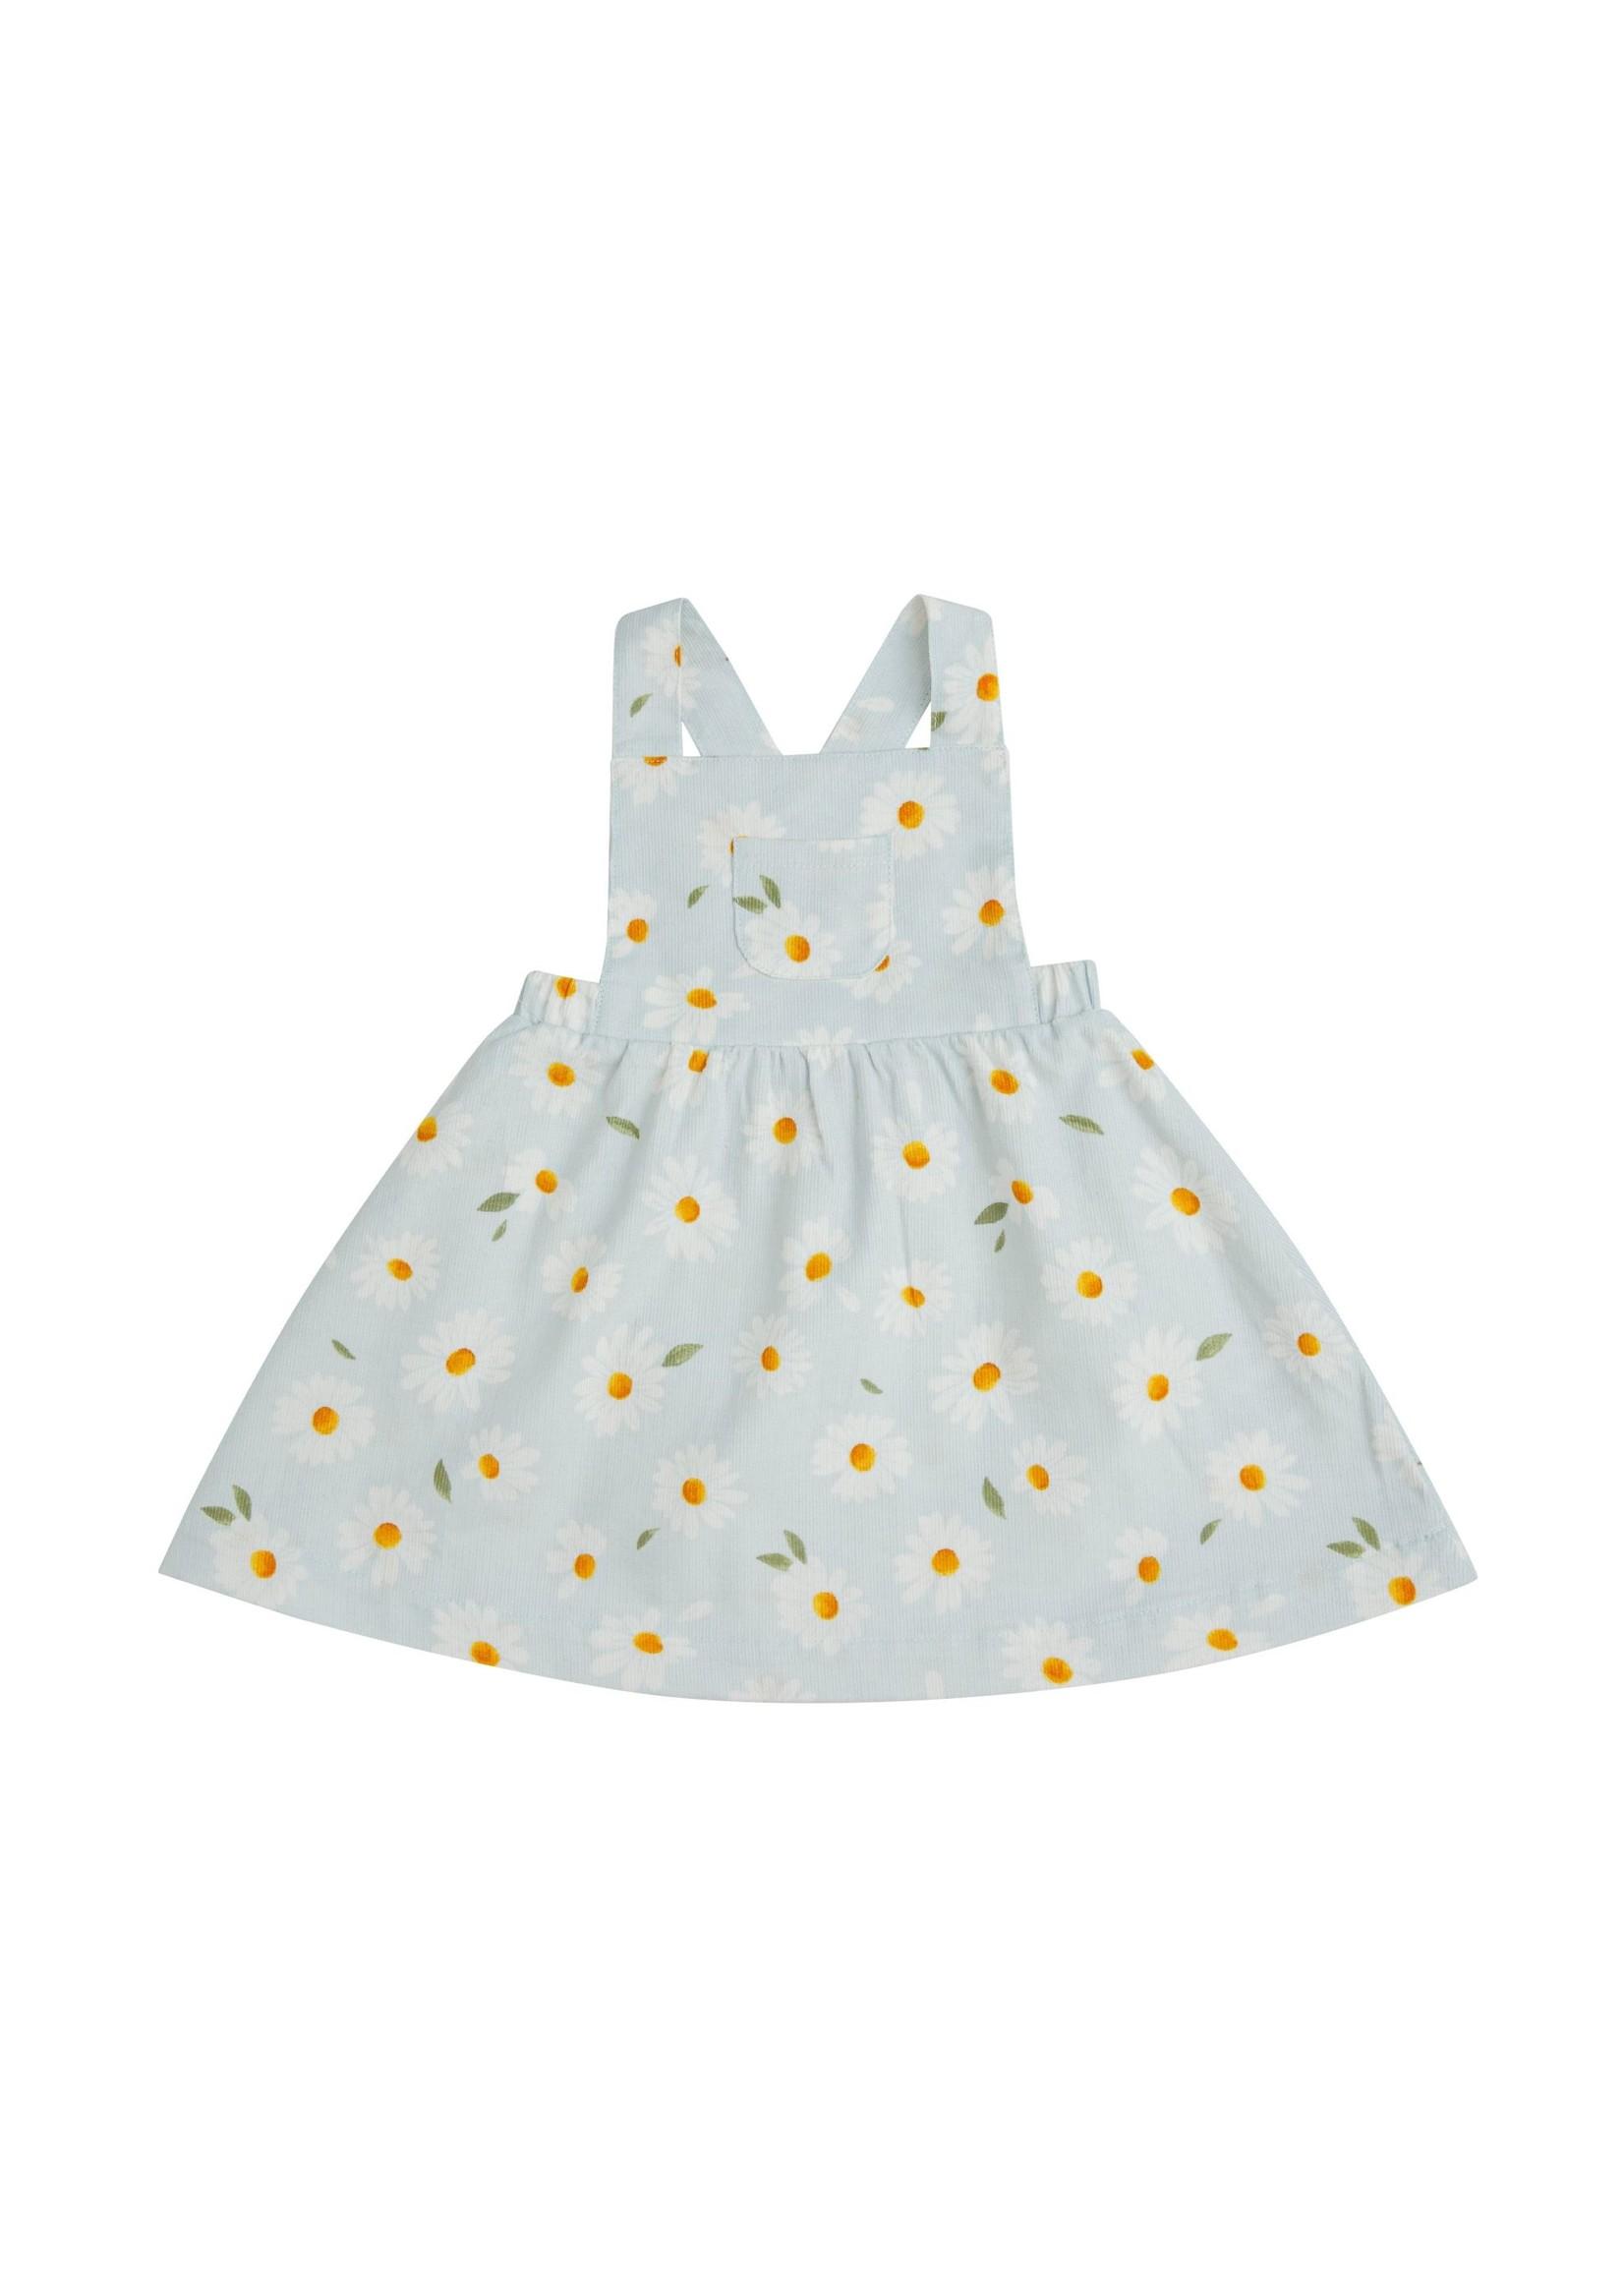 Angel Dear Daisy Corduroy Overall Dress Grey